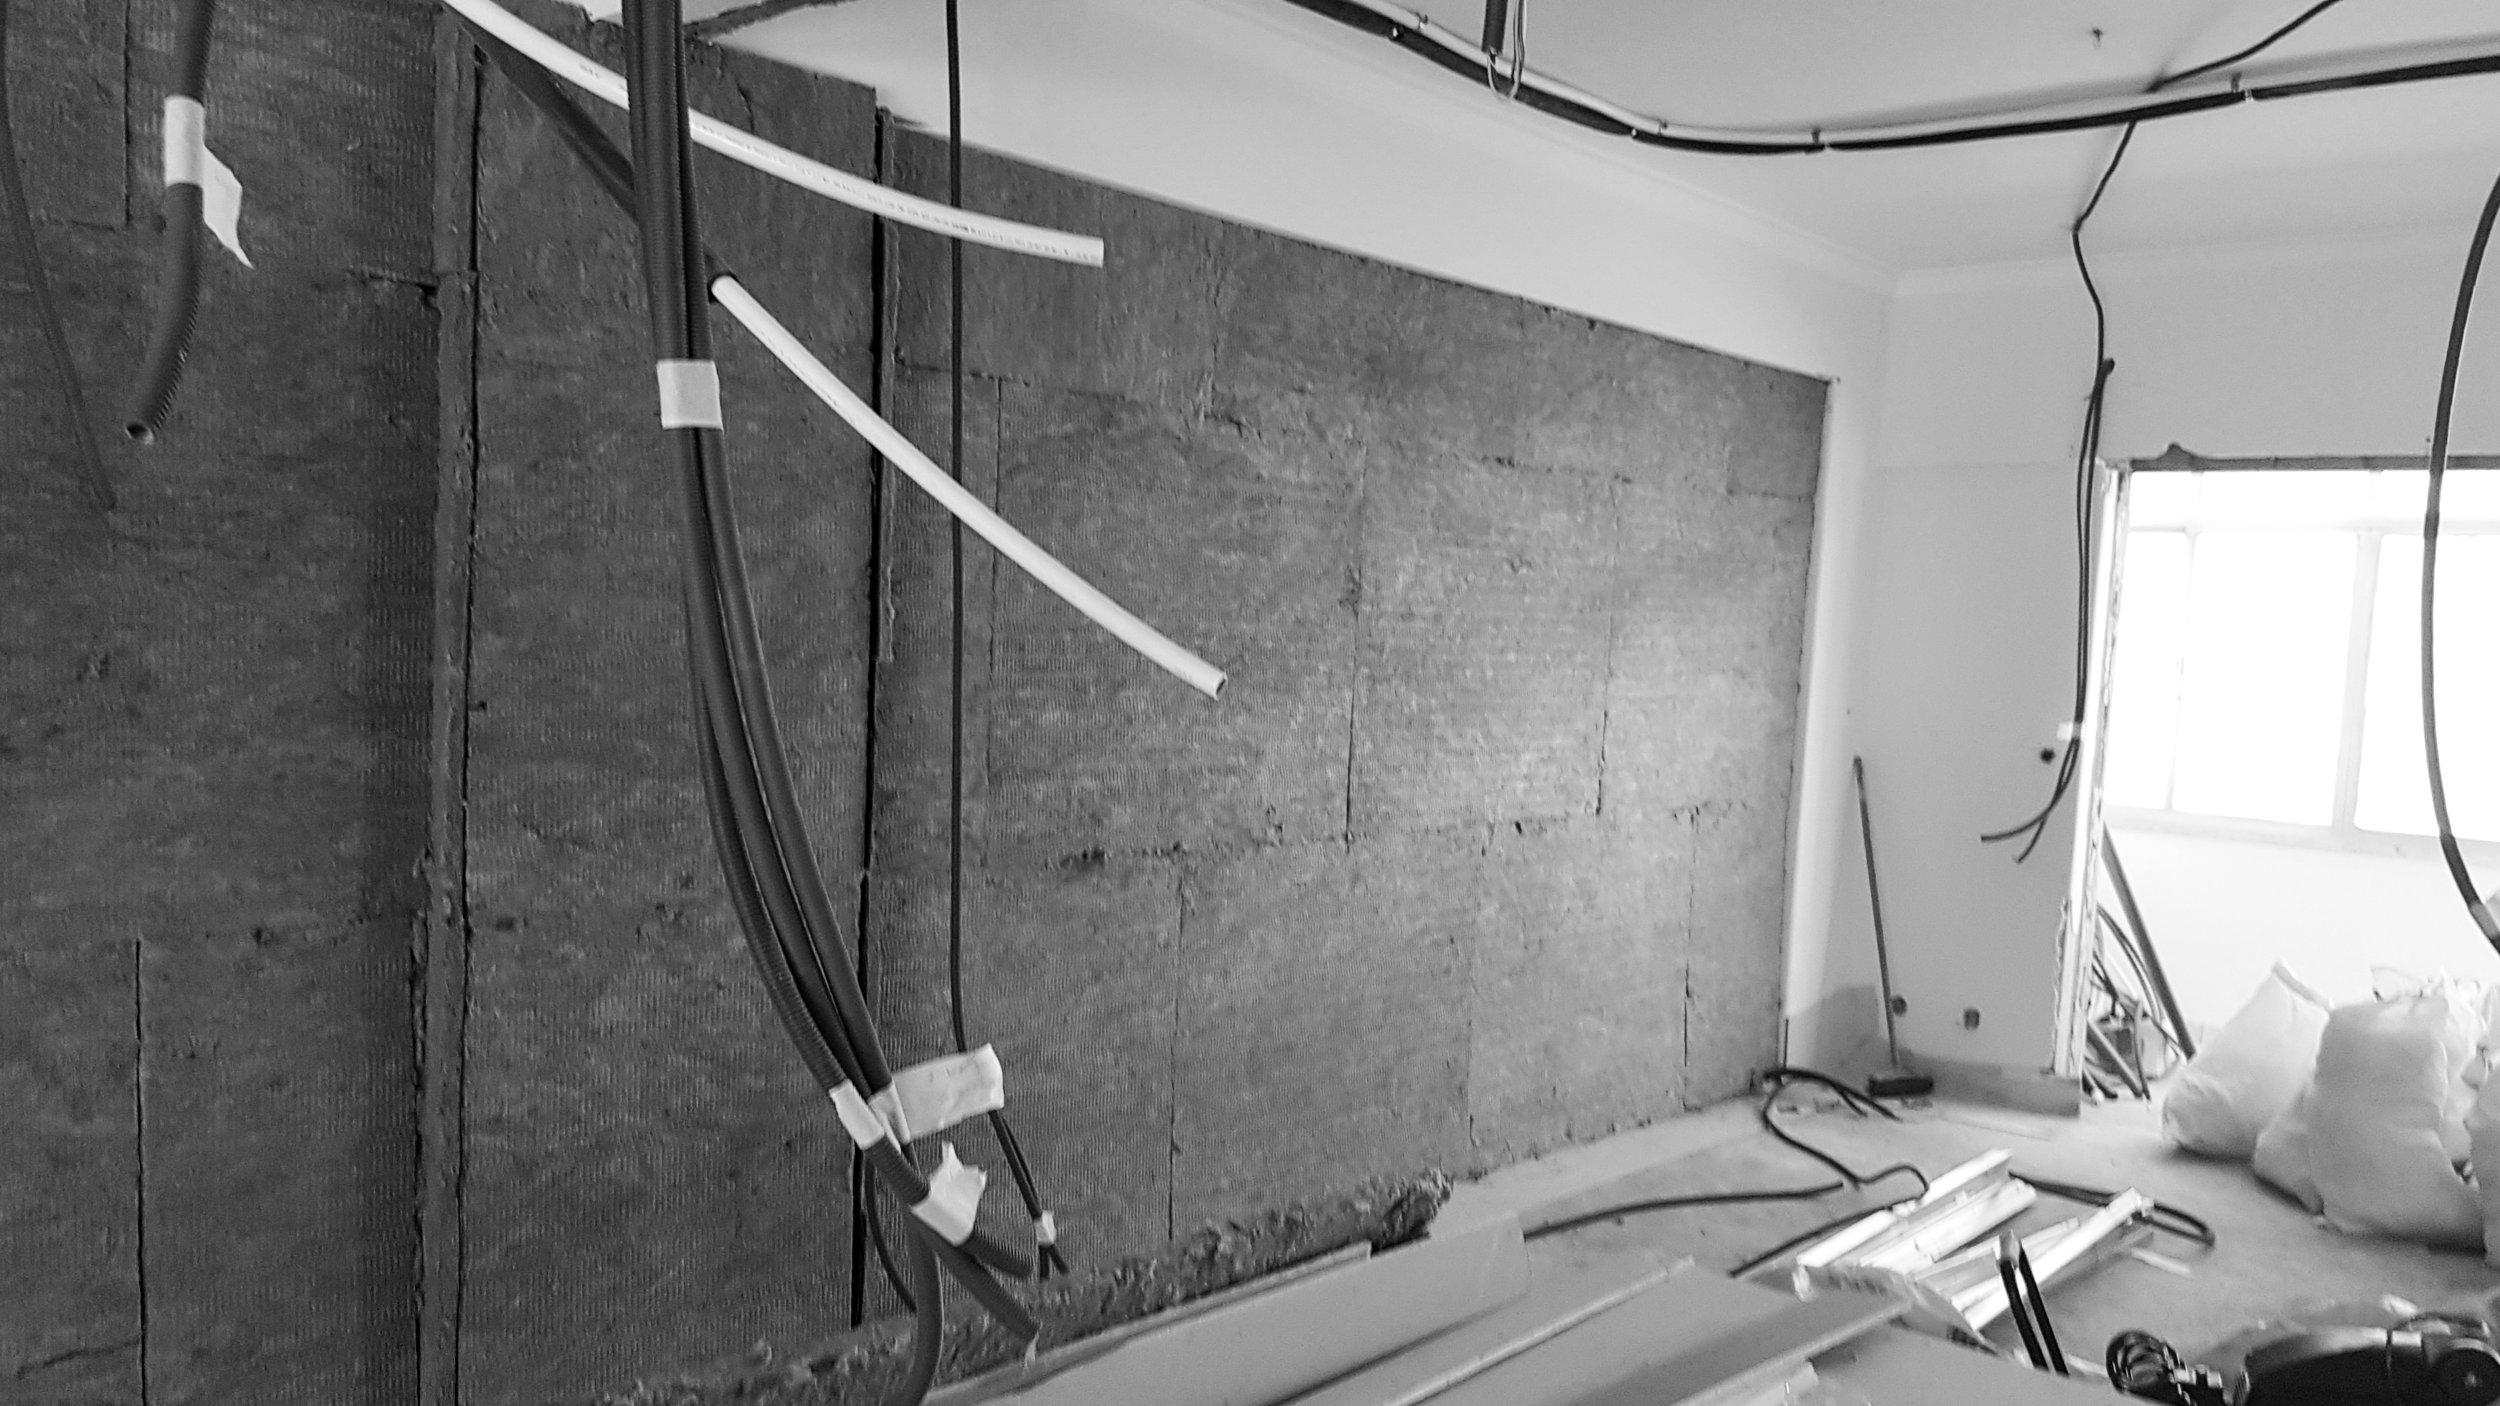 Apartamento Alcântara - Lisboa - EVA evolutionary architecture - EVA atelier - arquitectura - remodelação (24).jpg